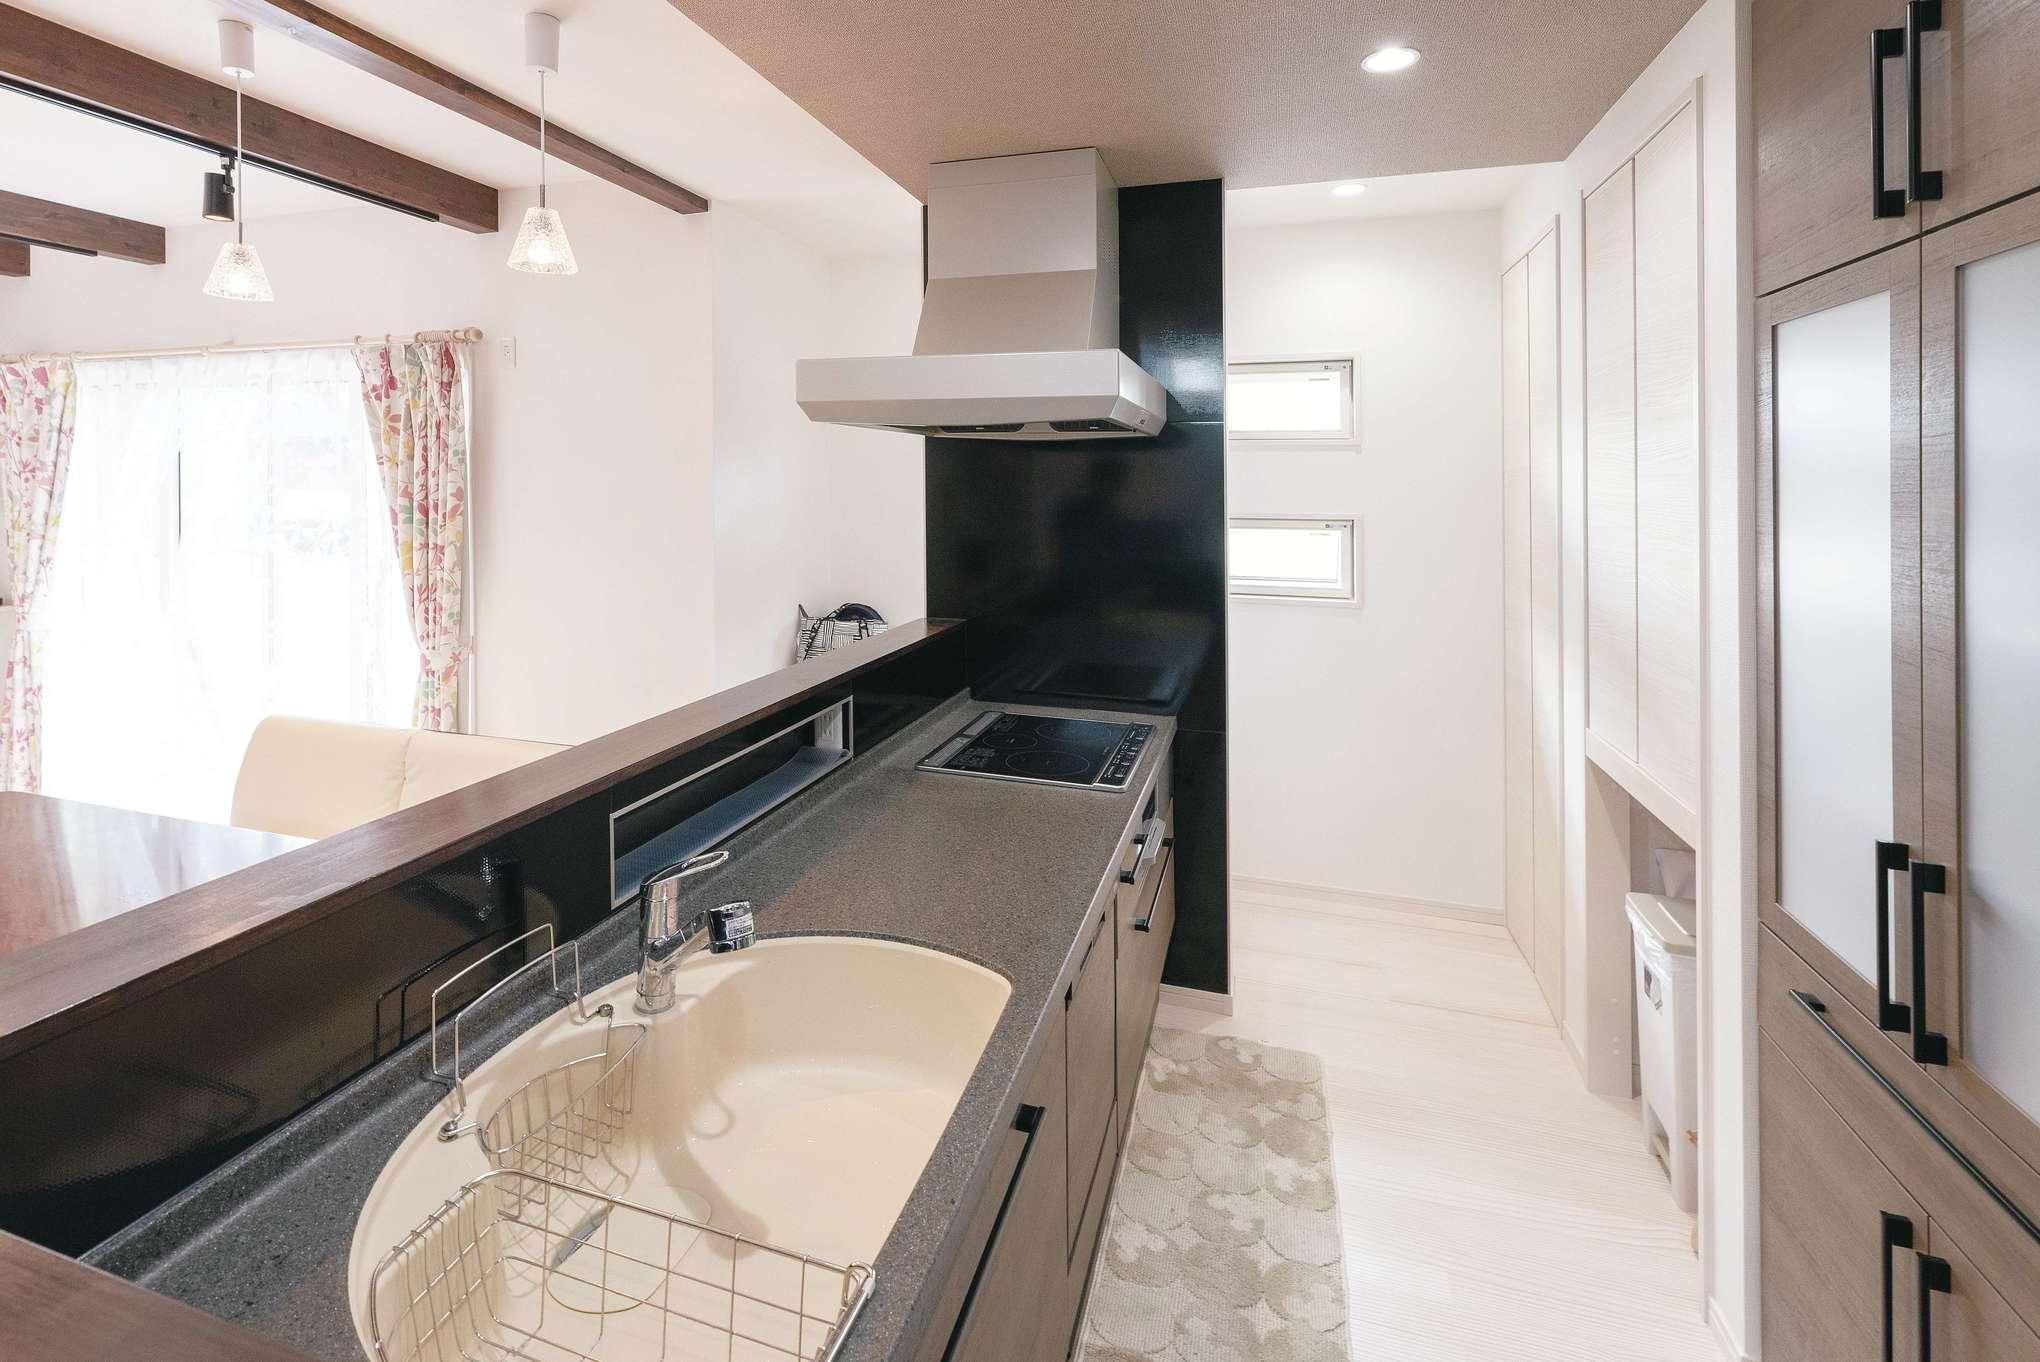 R+house沼津・伊東(HOUSE PLAN)【子育て、収納力、間取り】黒いワークトップがスタイリッシュなキッチン。リビング側の立ち上がり部分に調味料を置くスペースを確保した。キッチンの奥に余白を作り、回遊できる動線が便利